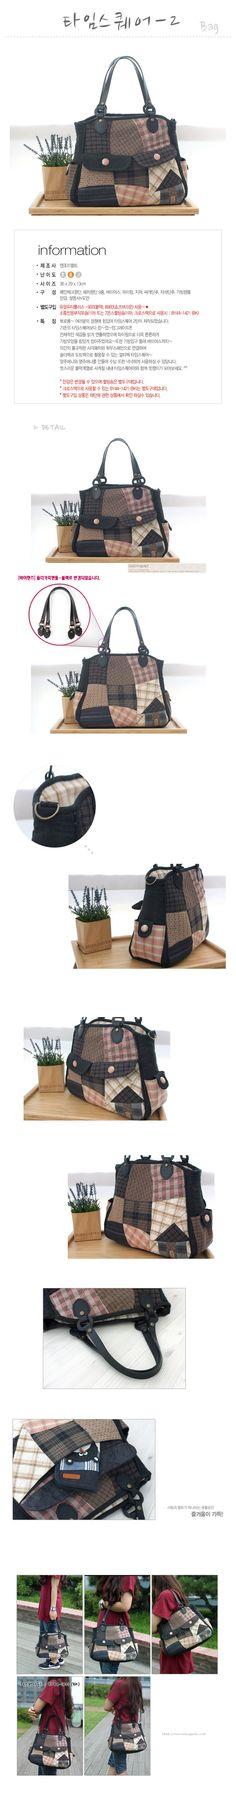 http://enjoyquilt.co.kr/goods/view.asp?p_code=Q00065827100&cate=717&menu=4